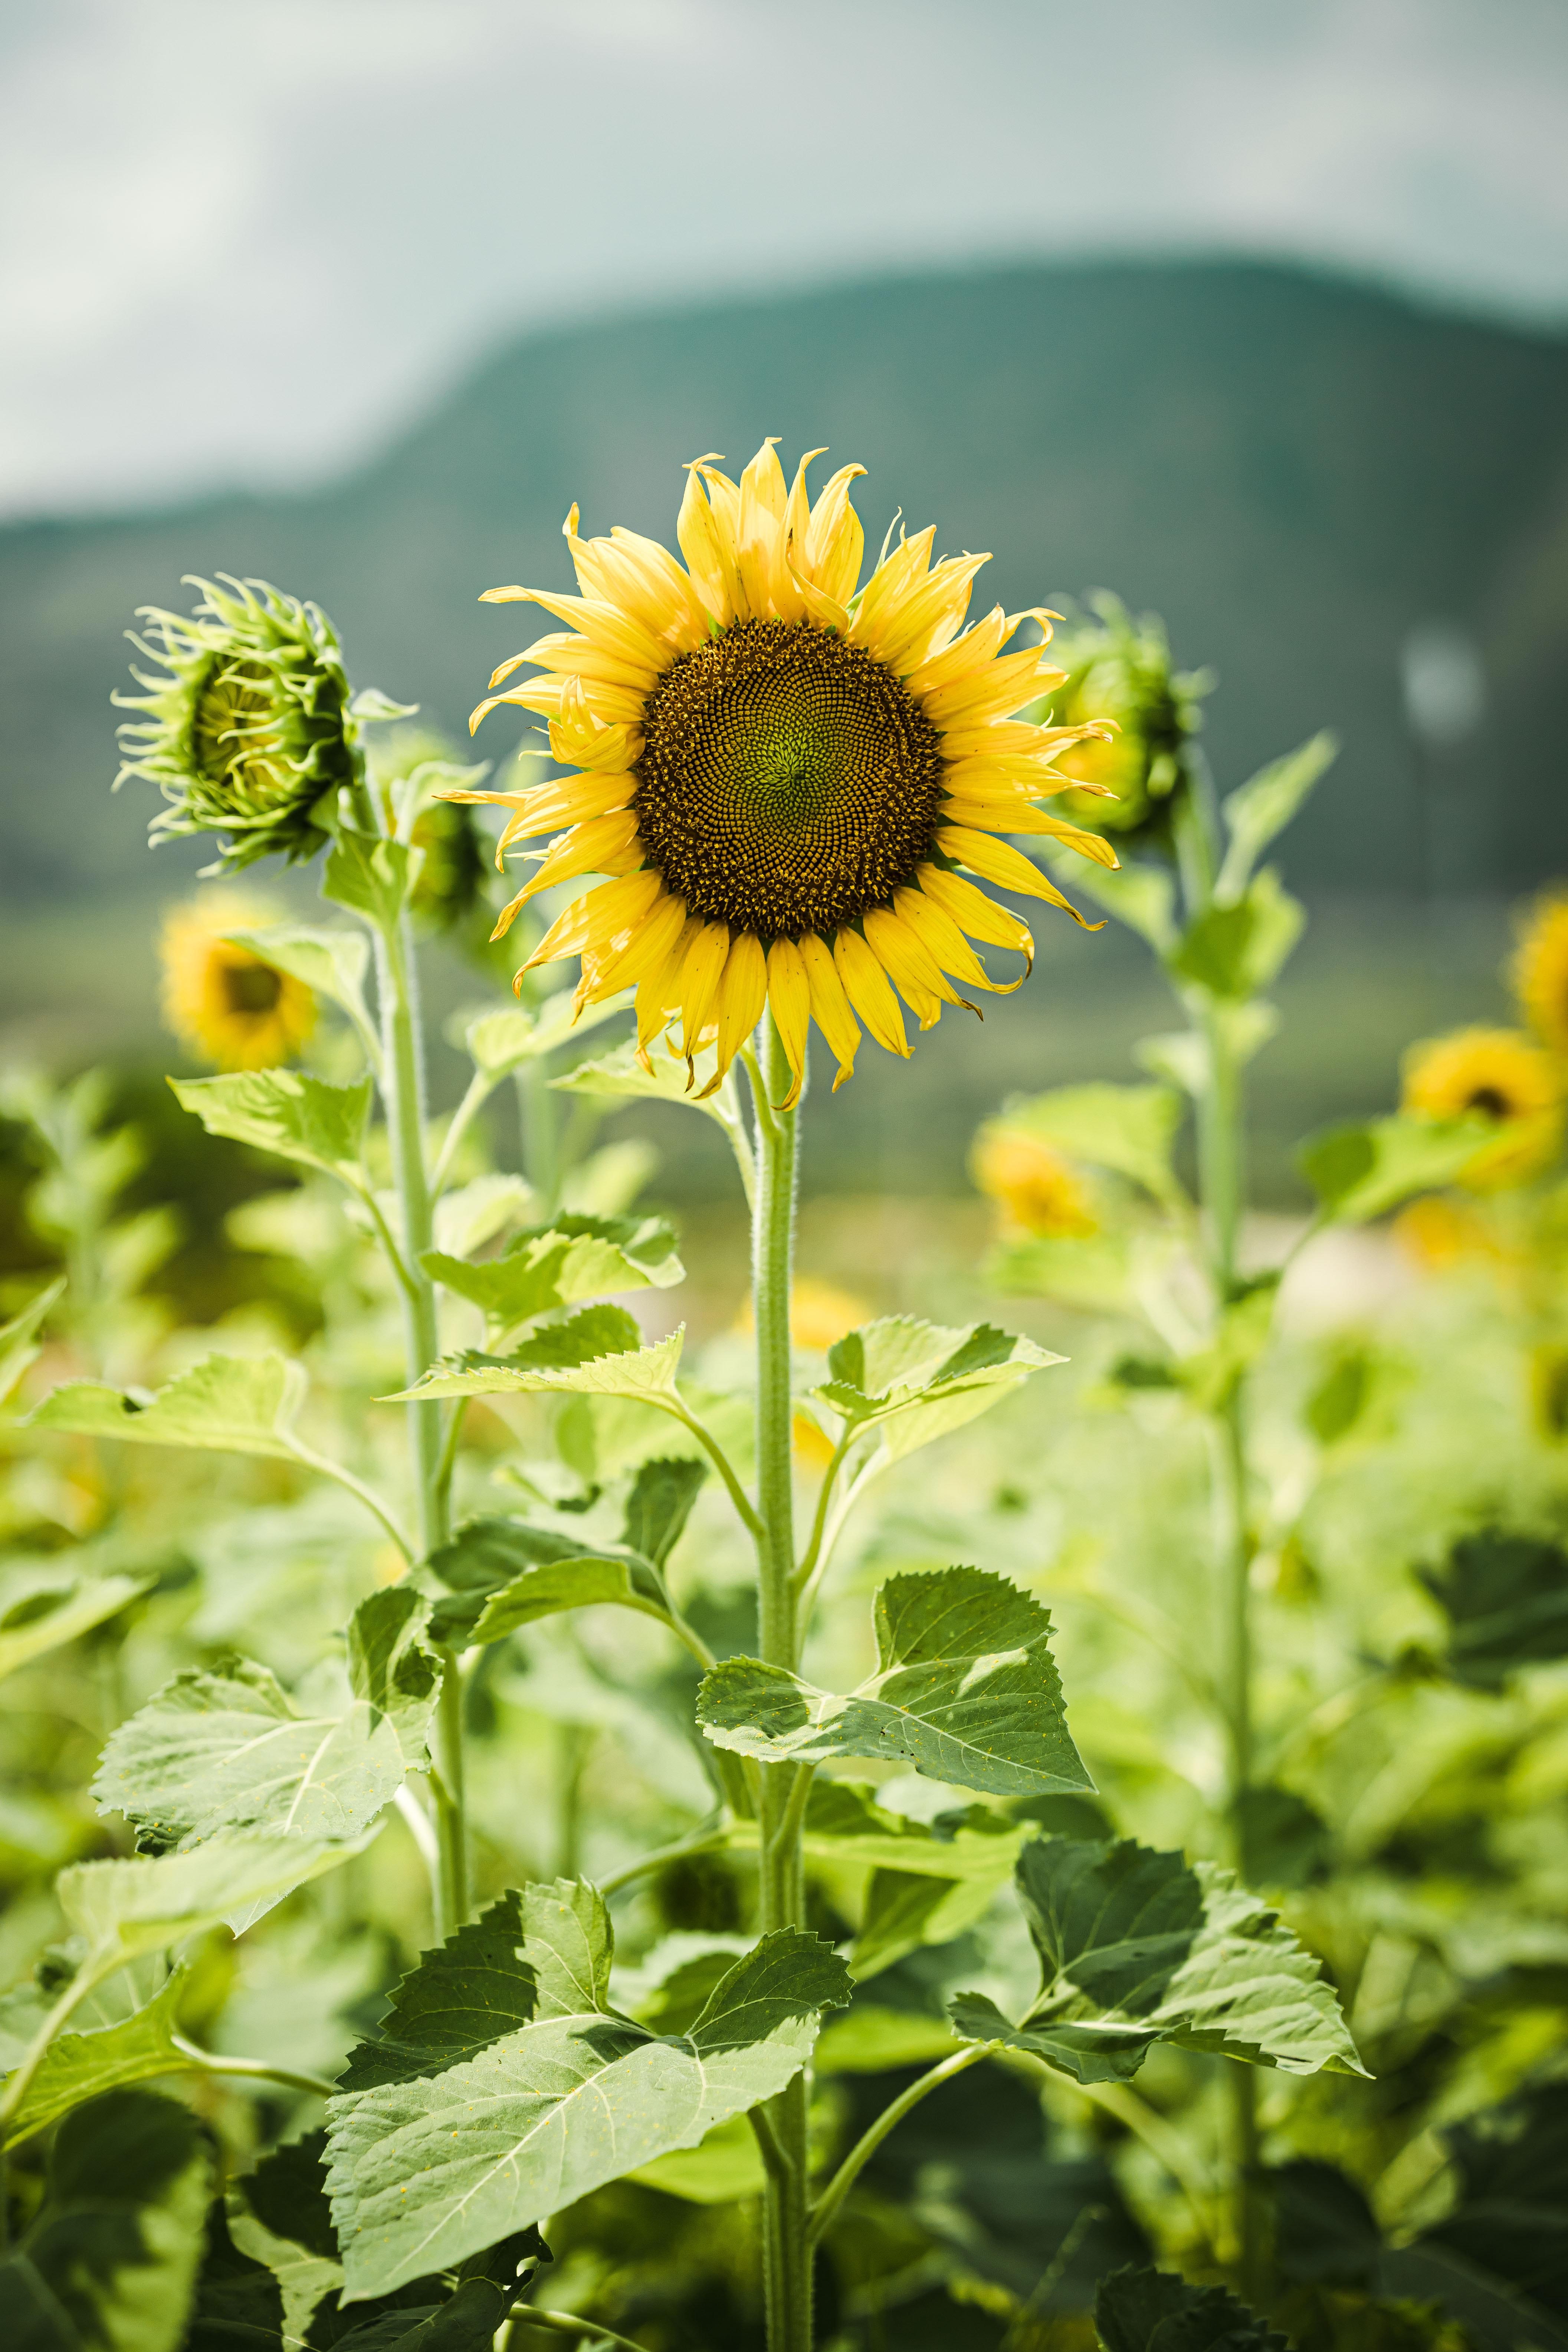 103033 Заставки и Обои Подсолнухи на телефон. Скачать Цветы, Растения, Стебли, Подсолнухи картинки бесплатно